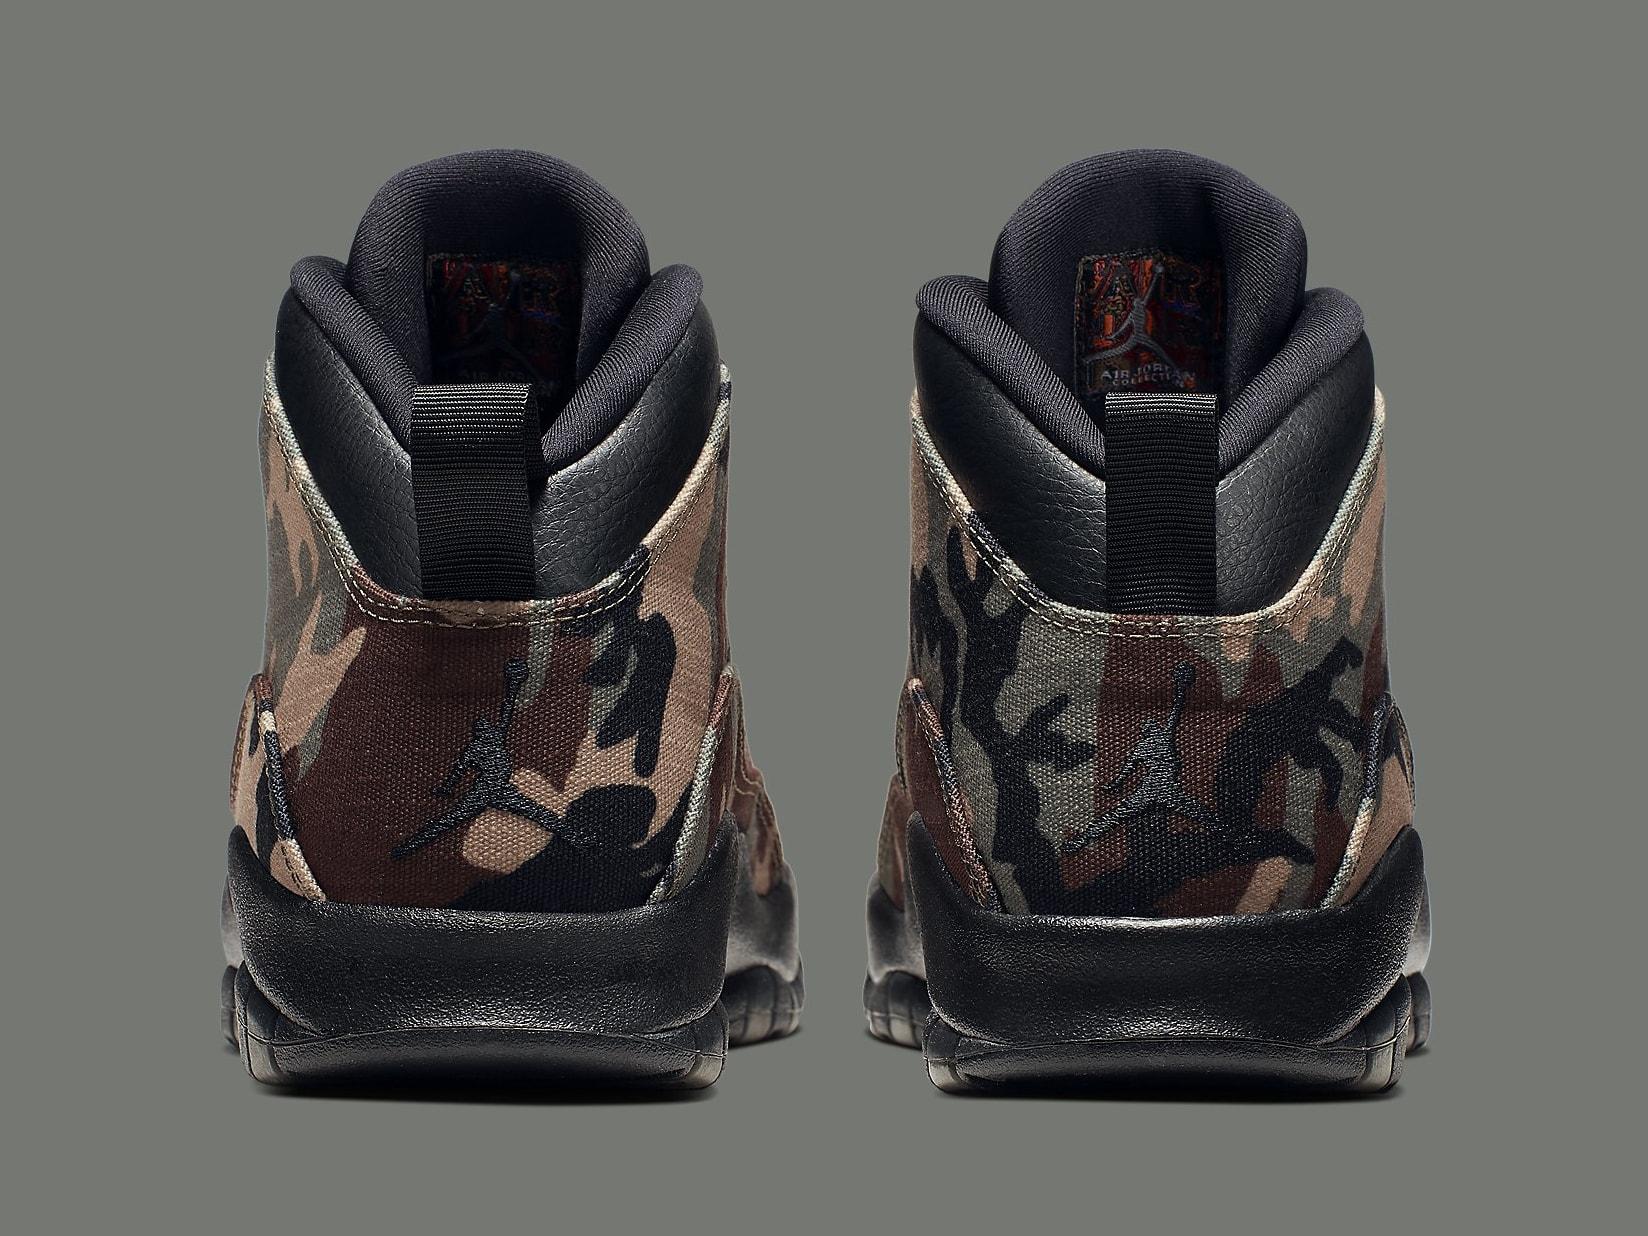 Air Jordan 10 Camo Release Date 310805-201 Heel